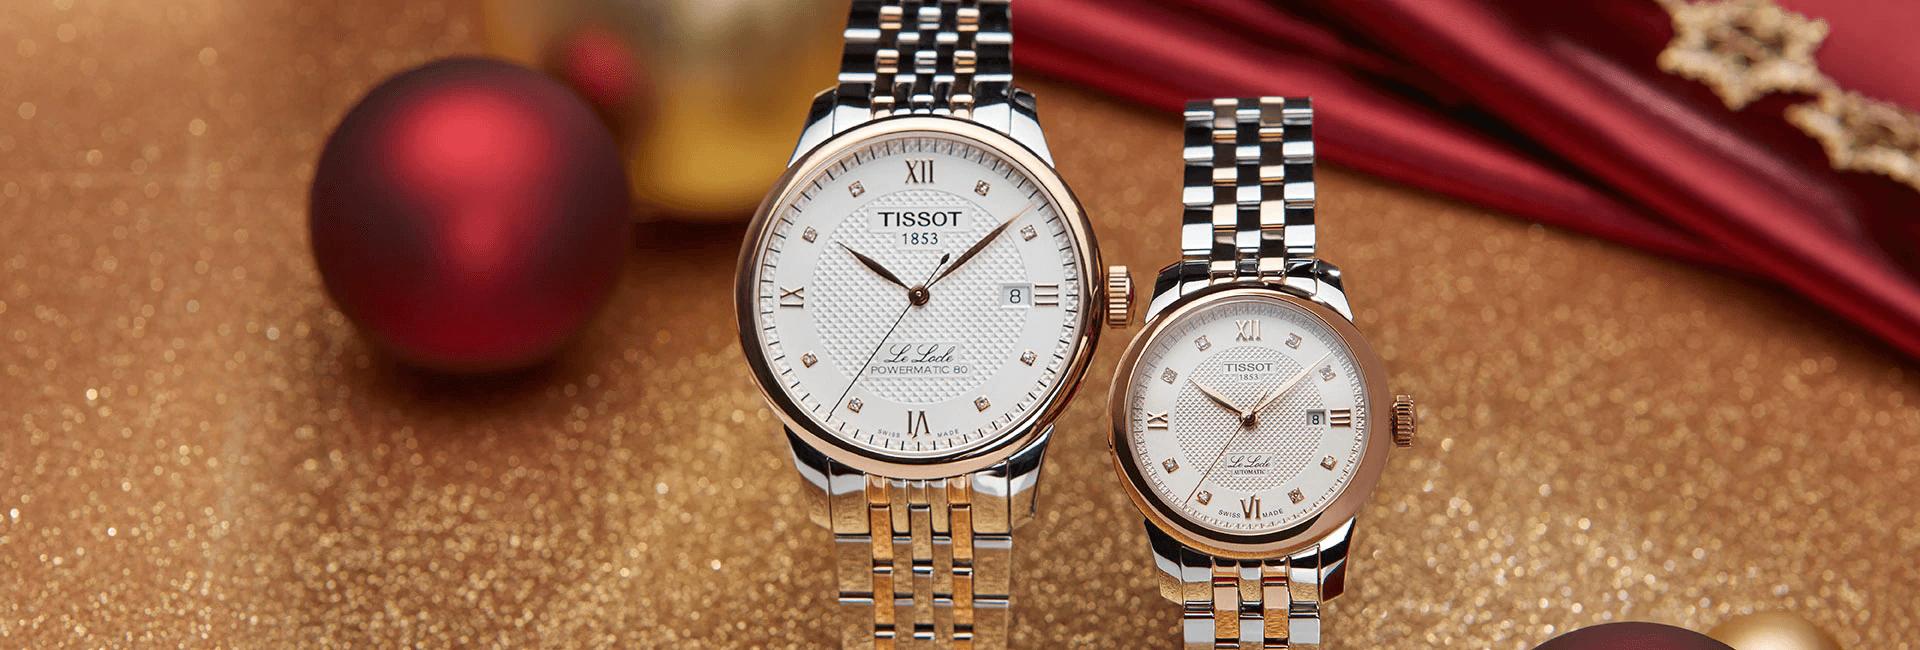 Giảm giá lên đến 40% cho đồng hồ Tissot chính hãng